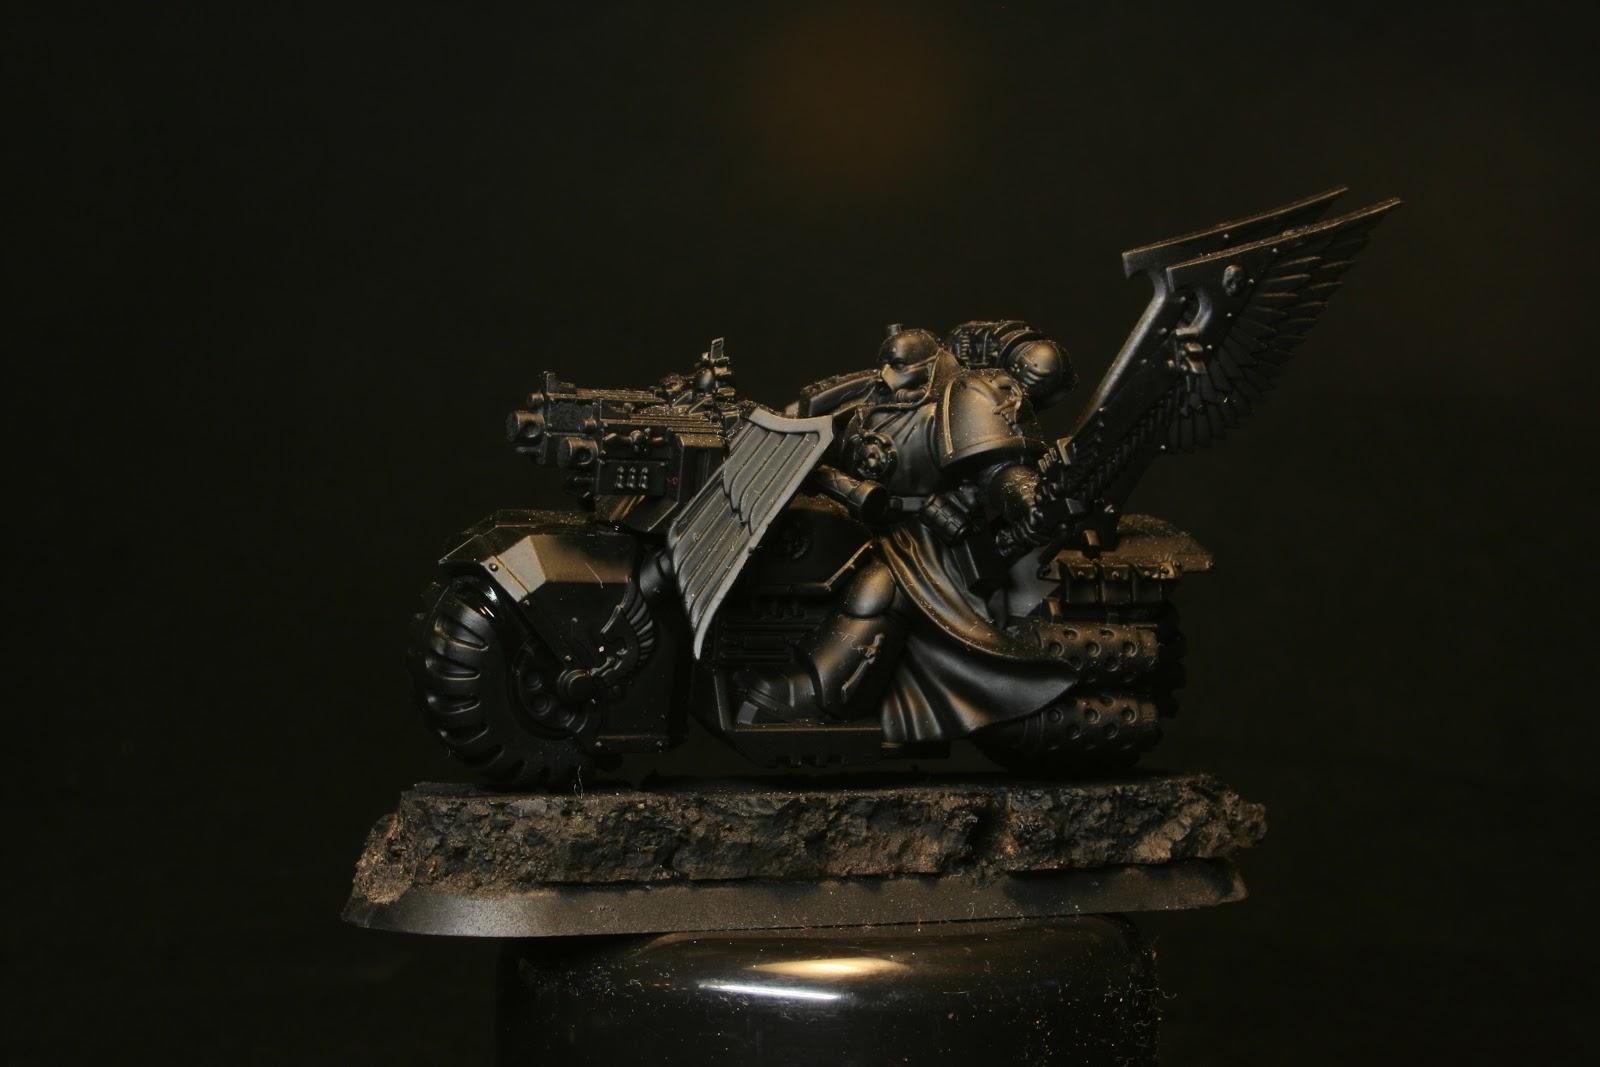 Motorista del Ala de Muerte de los Ángeles Oscuros con imprimación negra